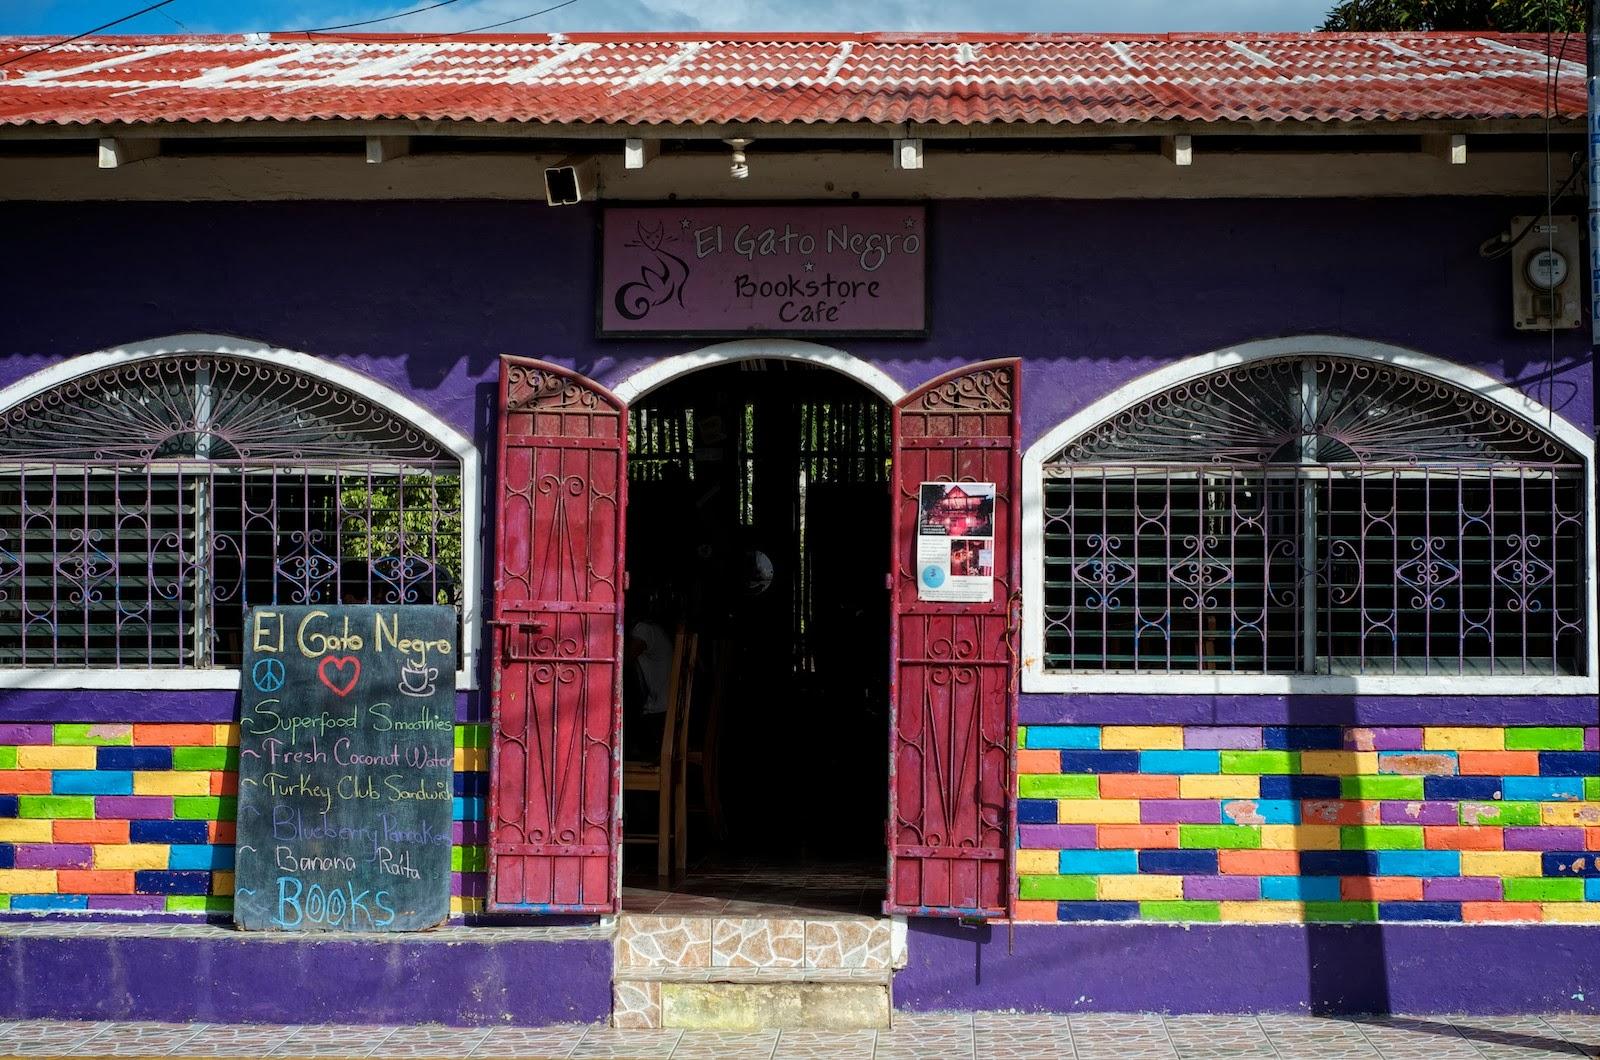 Black pimienta nicaragua san juan del sur bocado a El gato negro decoracion